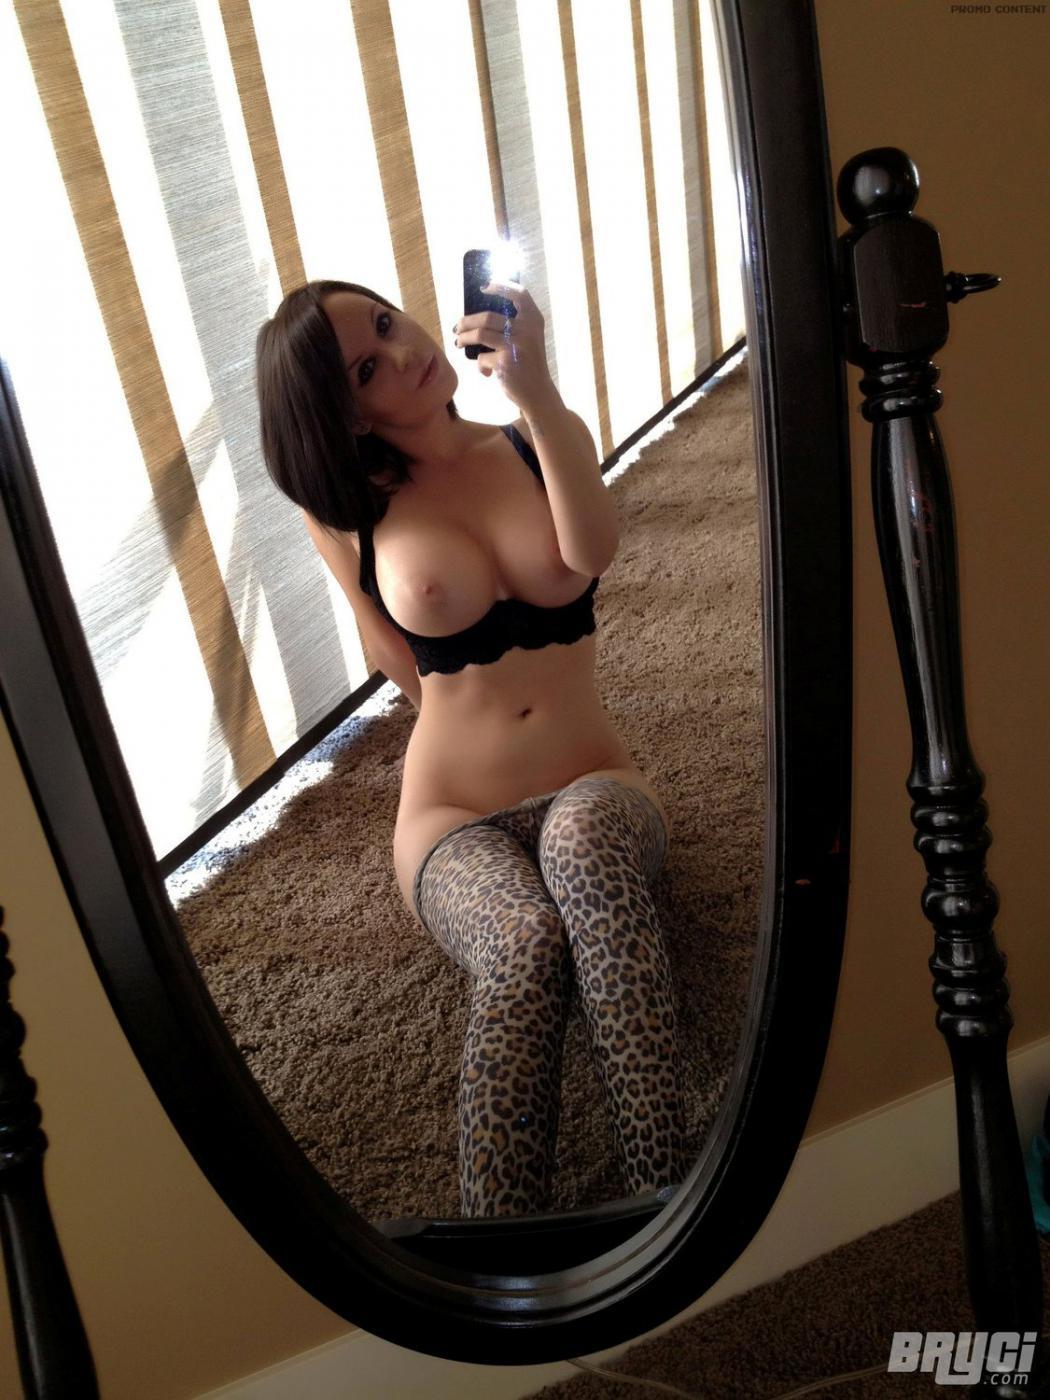 Чувственная брюнеточка Bryci в стрингах и лифчике выставила свои гигантские груди и сфотографировала вагину